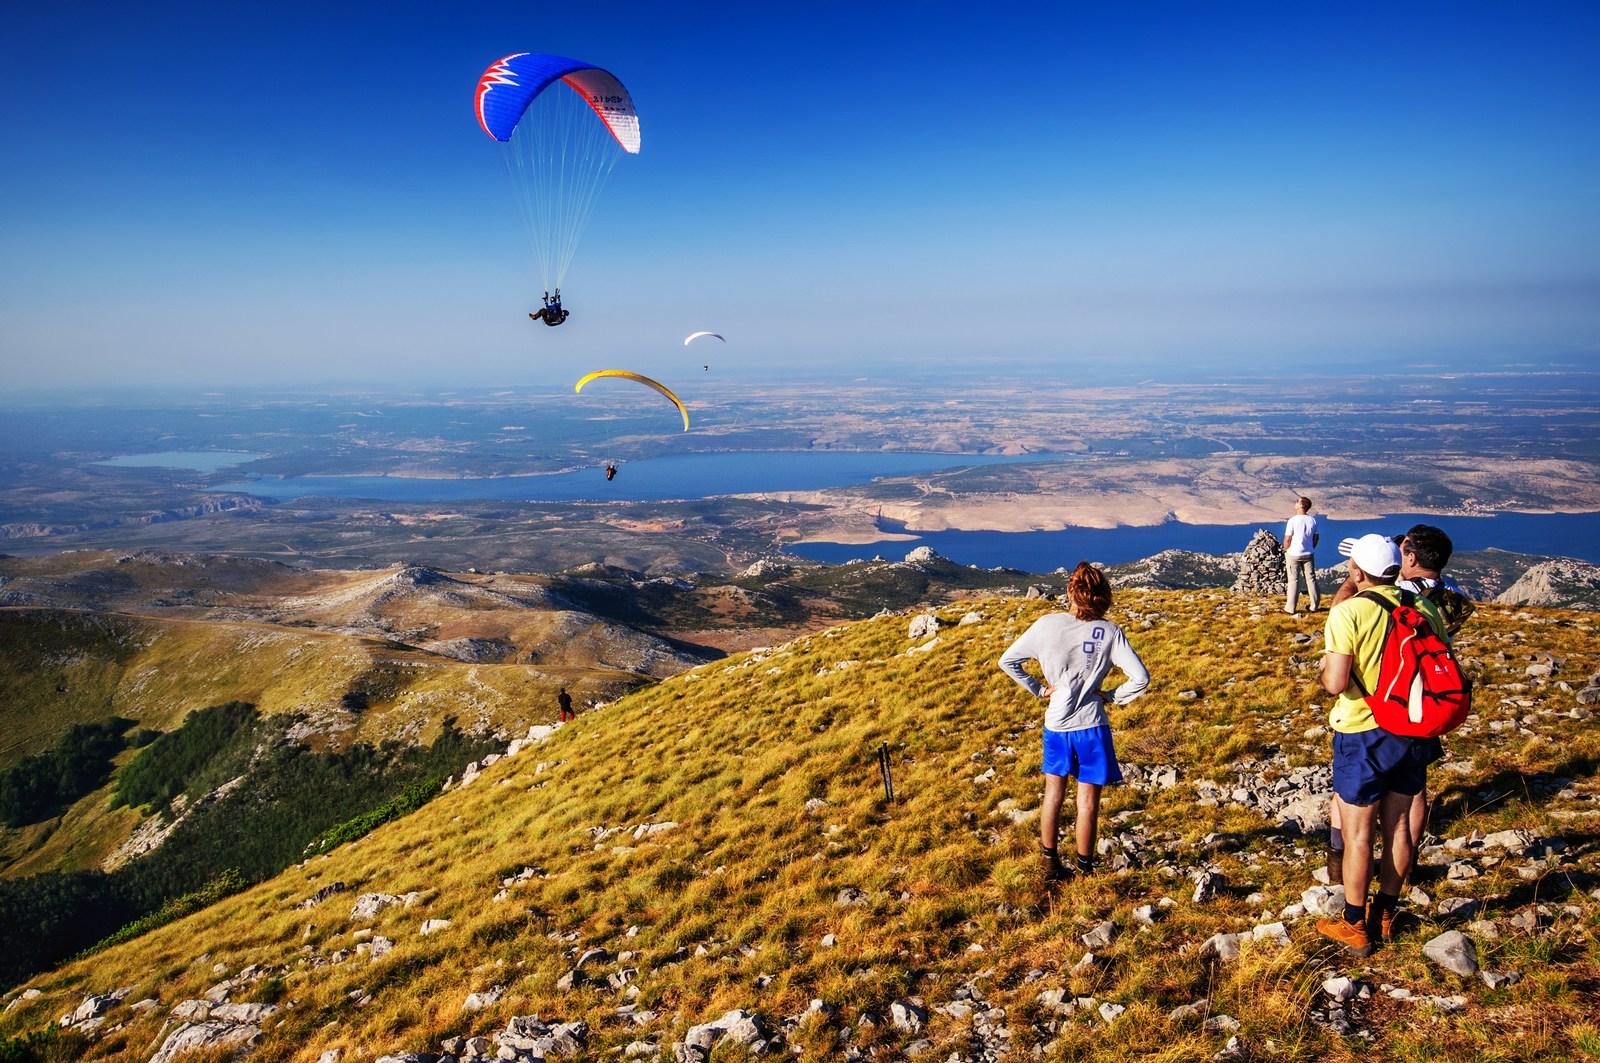 Jadralno padalstvo. Adrenalin pa teče po žilah. Foto: HTZ in Aleksandar Gospić.